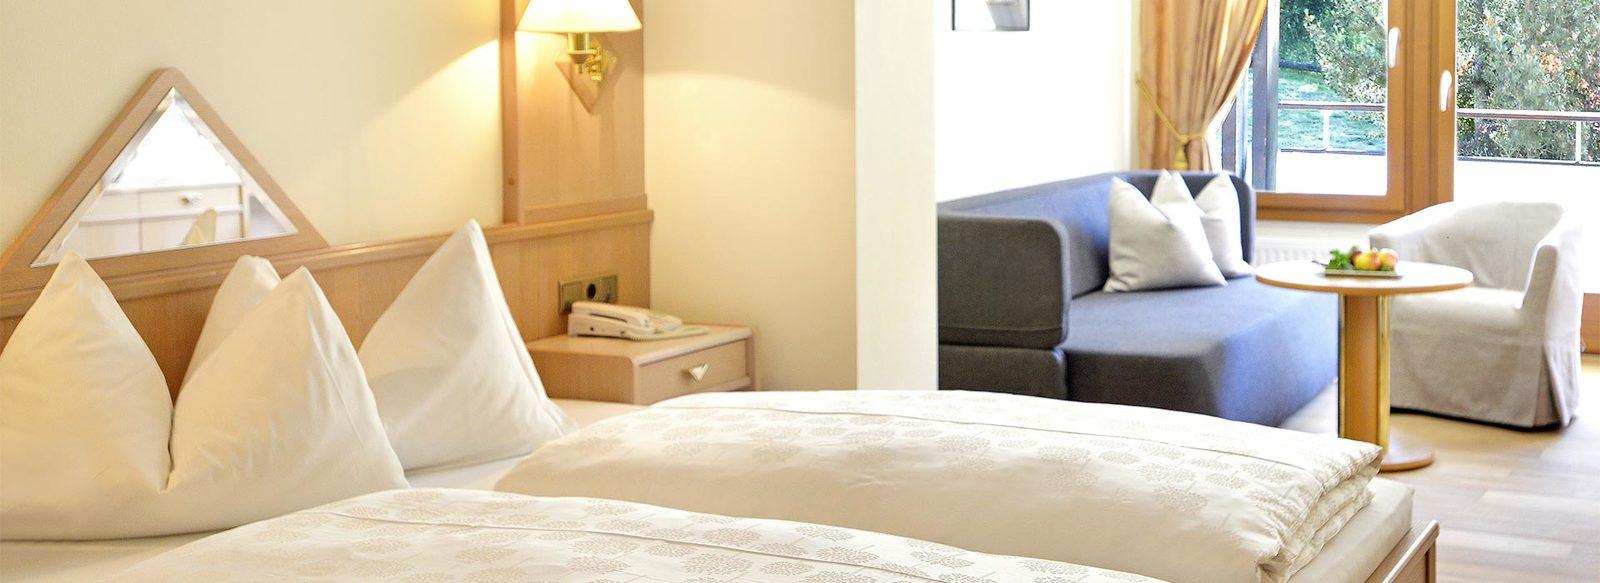 Hotel 4* al Plan de Corones